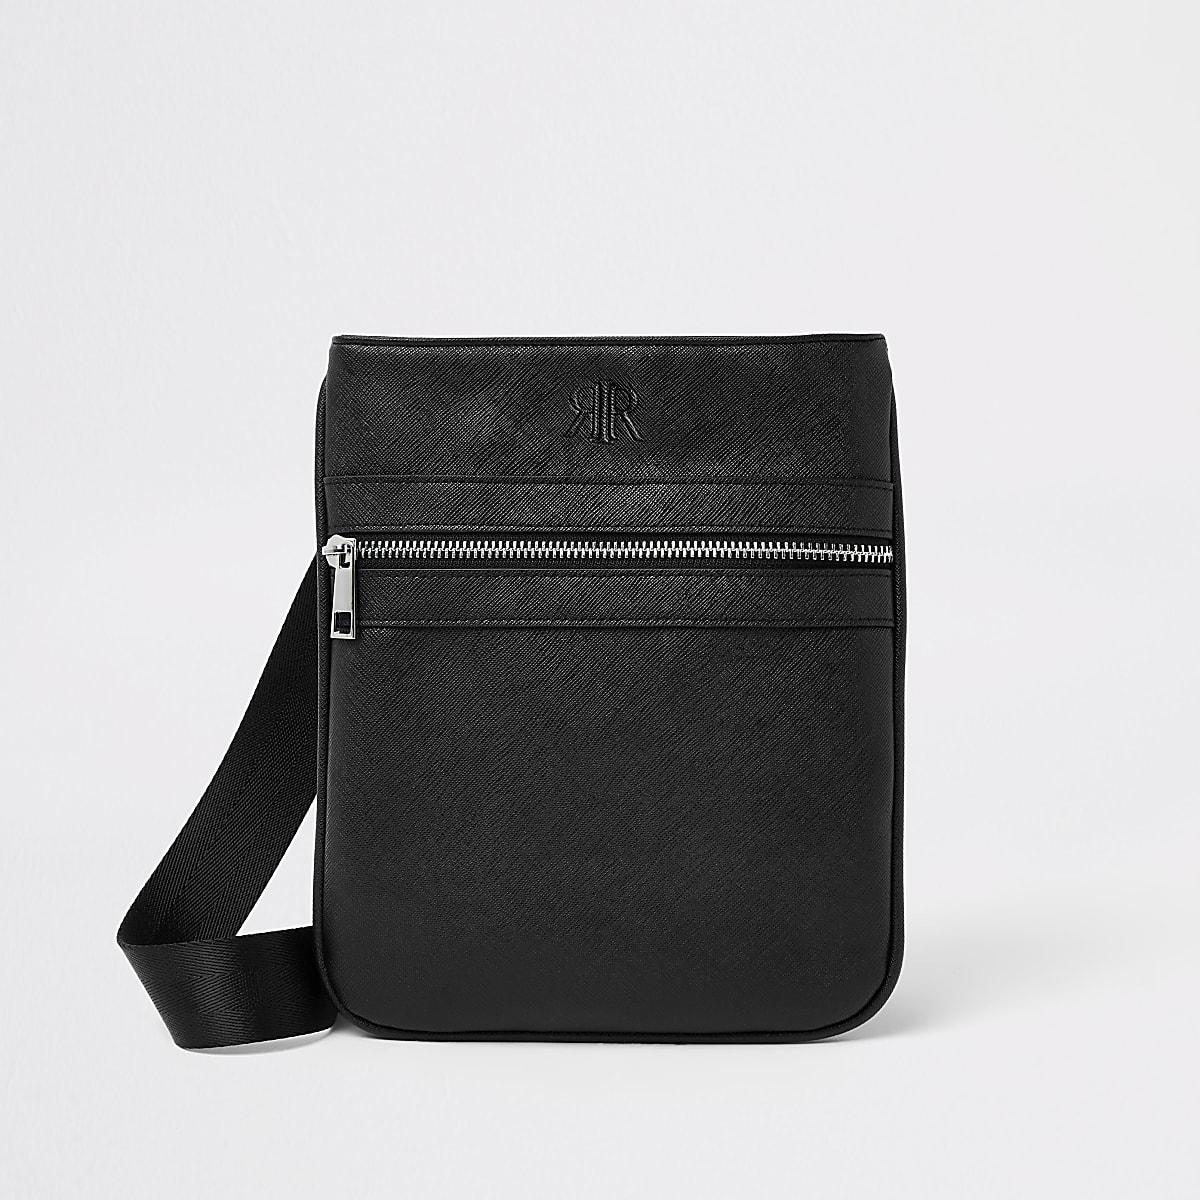 Black flight cross body pouch